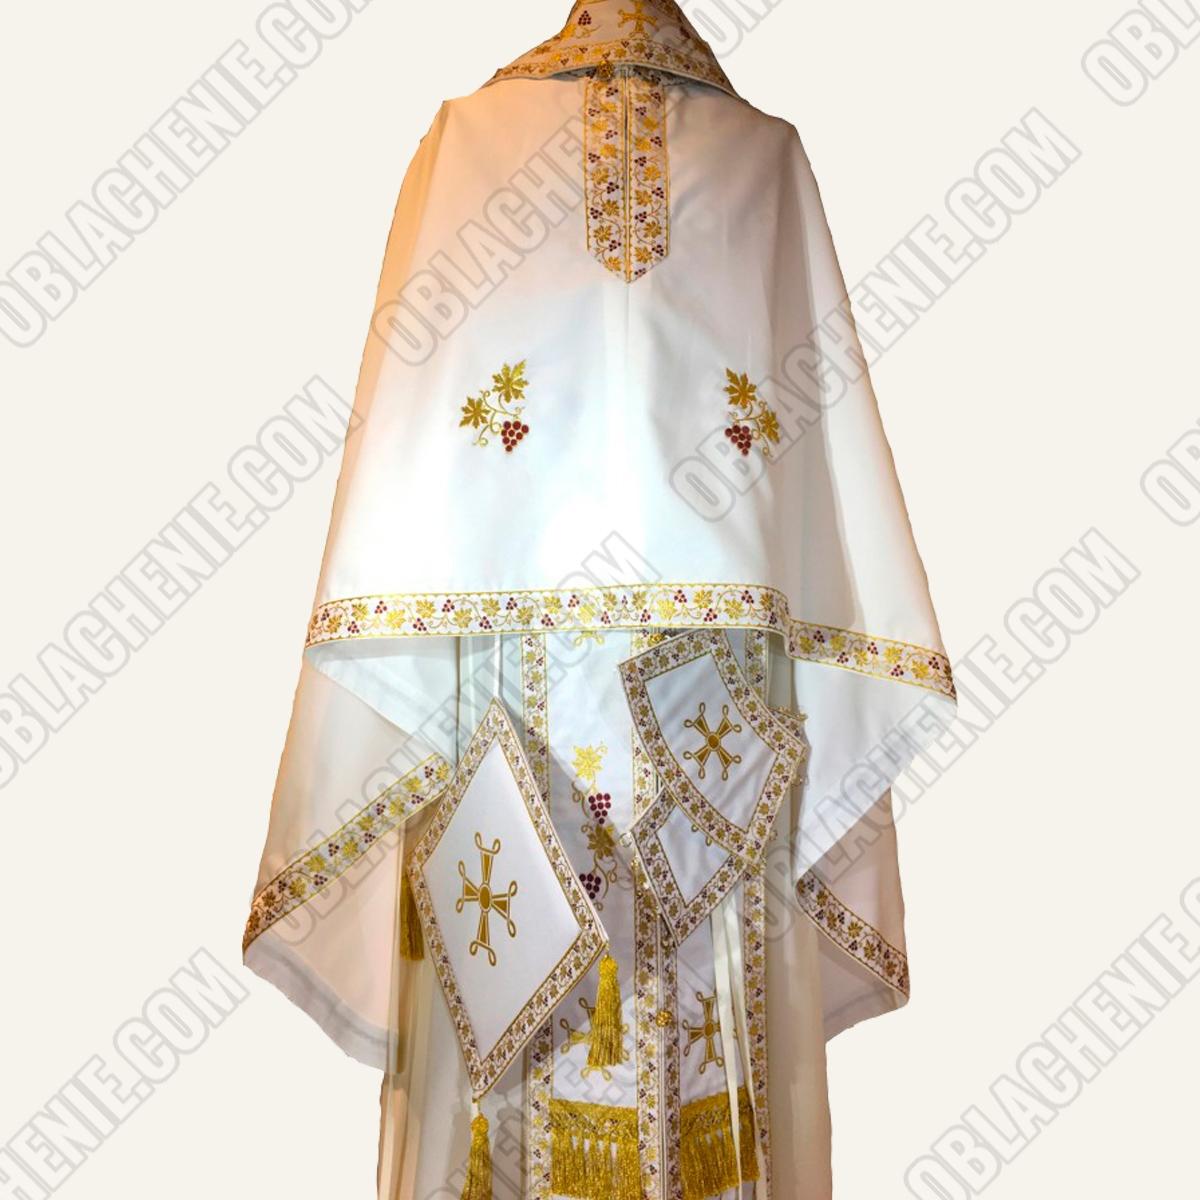 PRIEST'S VESTMENTS 11057